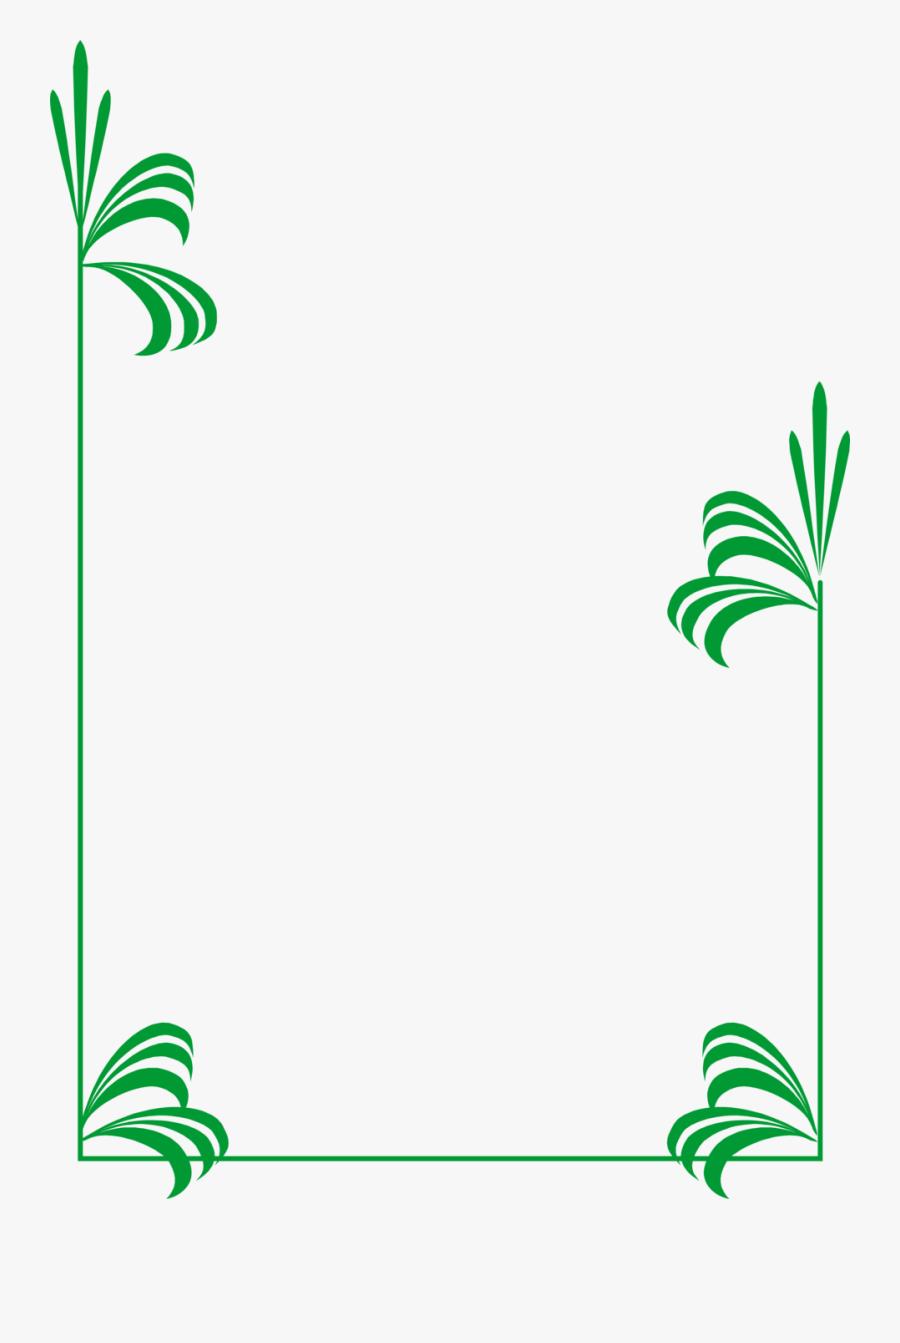 Green Leaf Border Clipart - Frame Green Border Design, Transparent Clipart